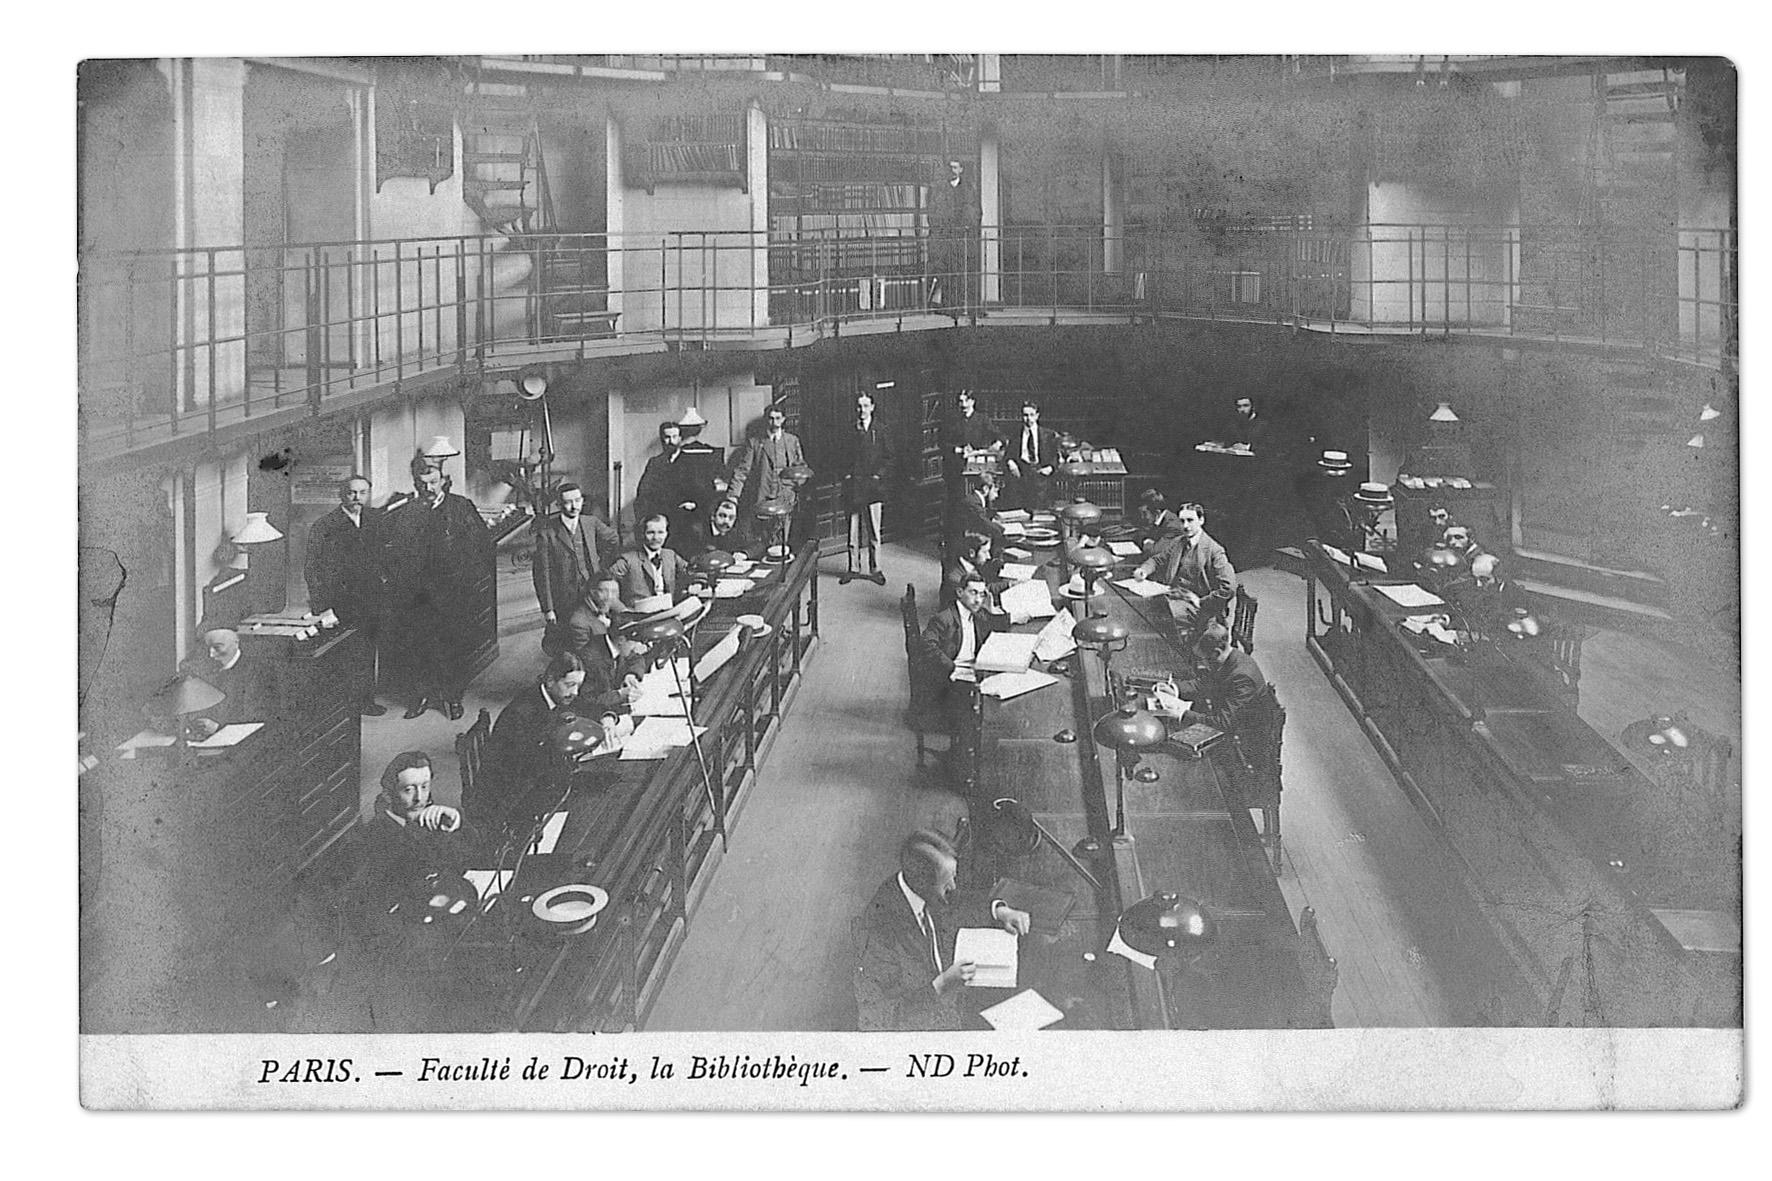 Salle de lecture de la bibliothèque de la Faculté de droit inaugurée en 1878.